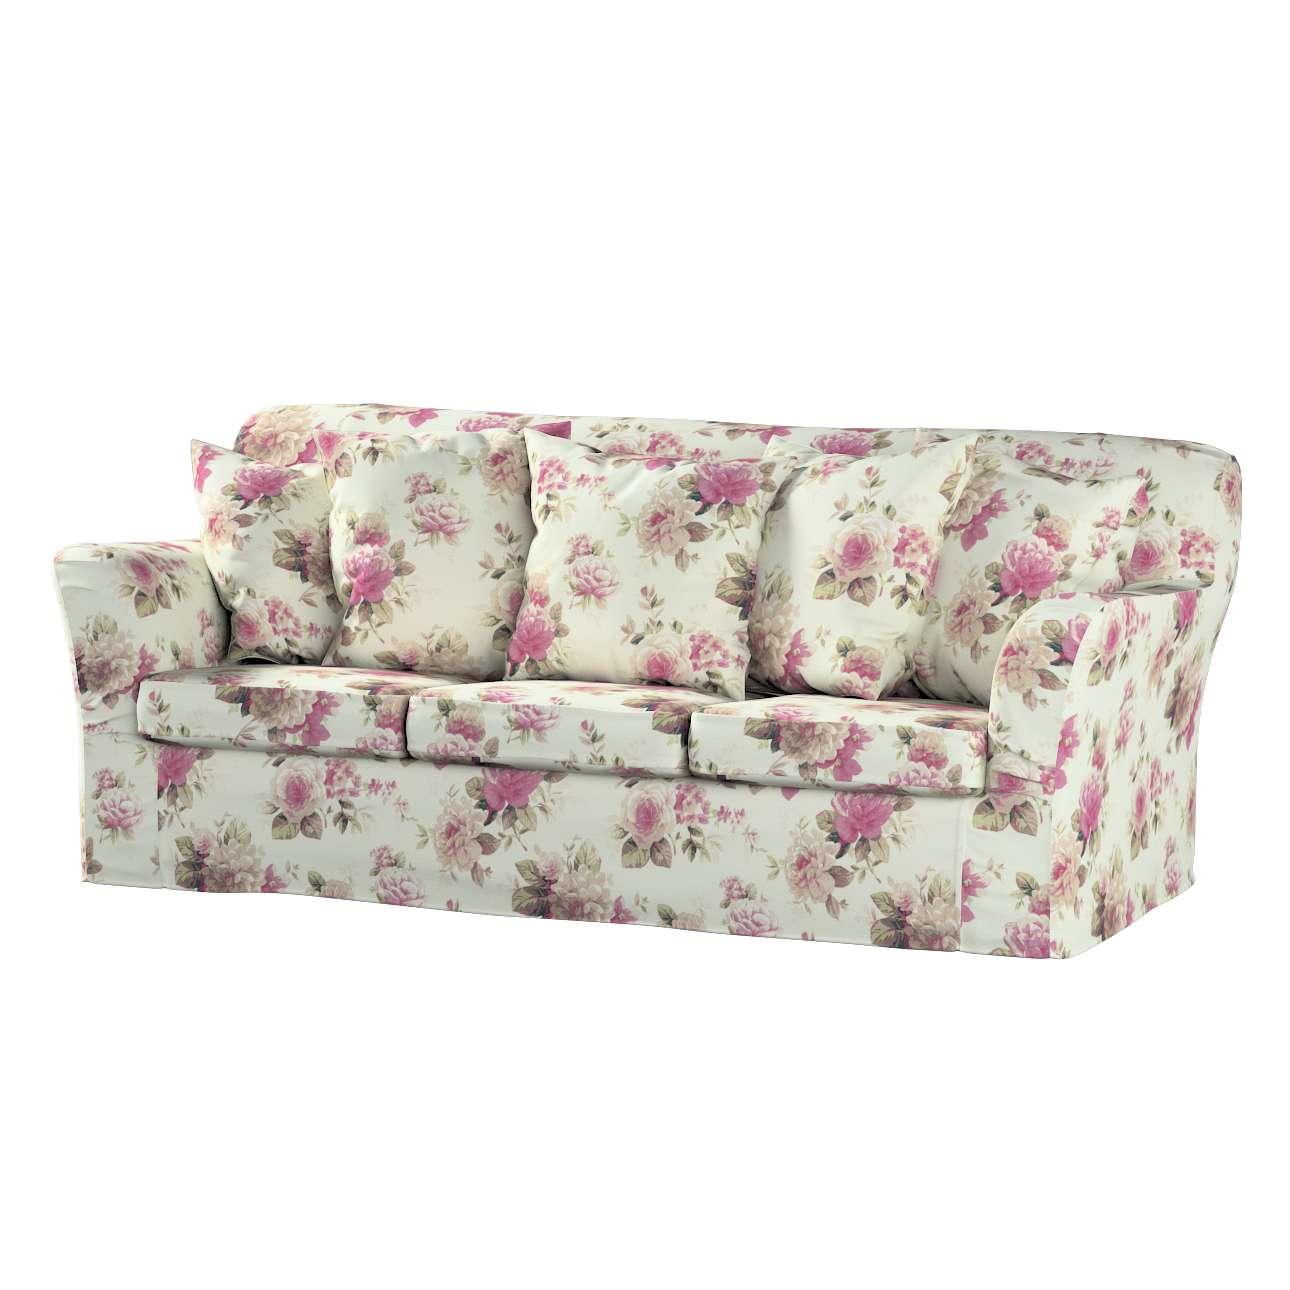 Tomelilla 3-Sitzer Sofabezug nicht ausklappbar Sofahusse, Tomelilla 3-Sitzer von der Kollektion Mirella, Stoff: 141-07